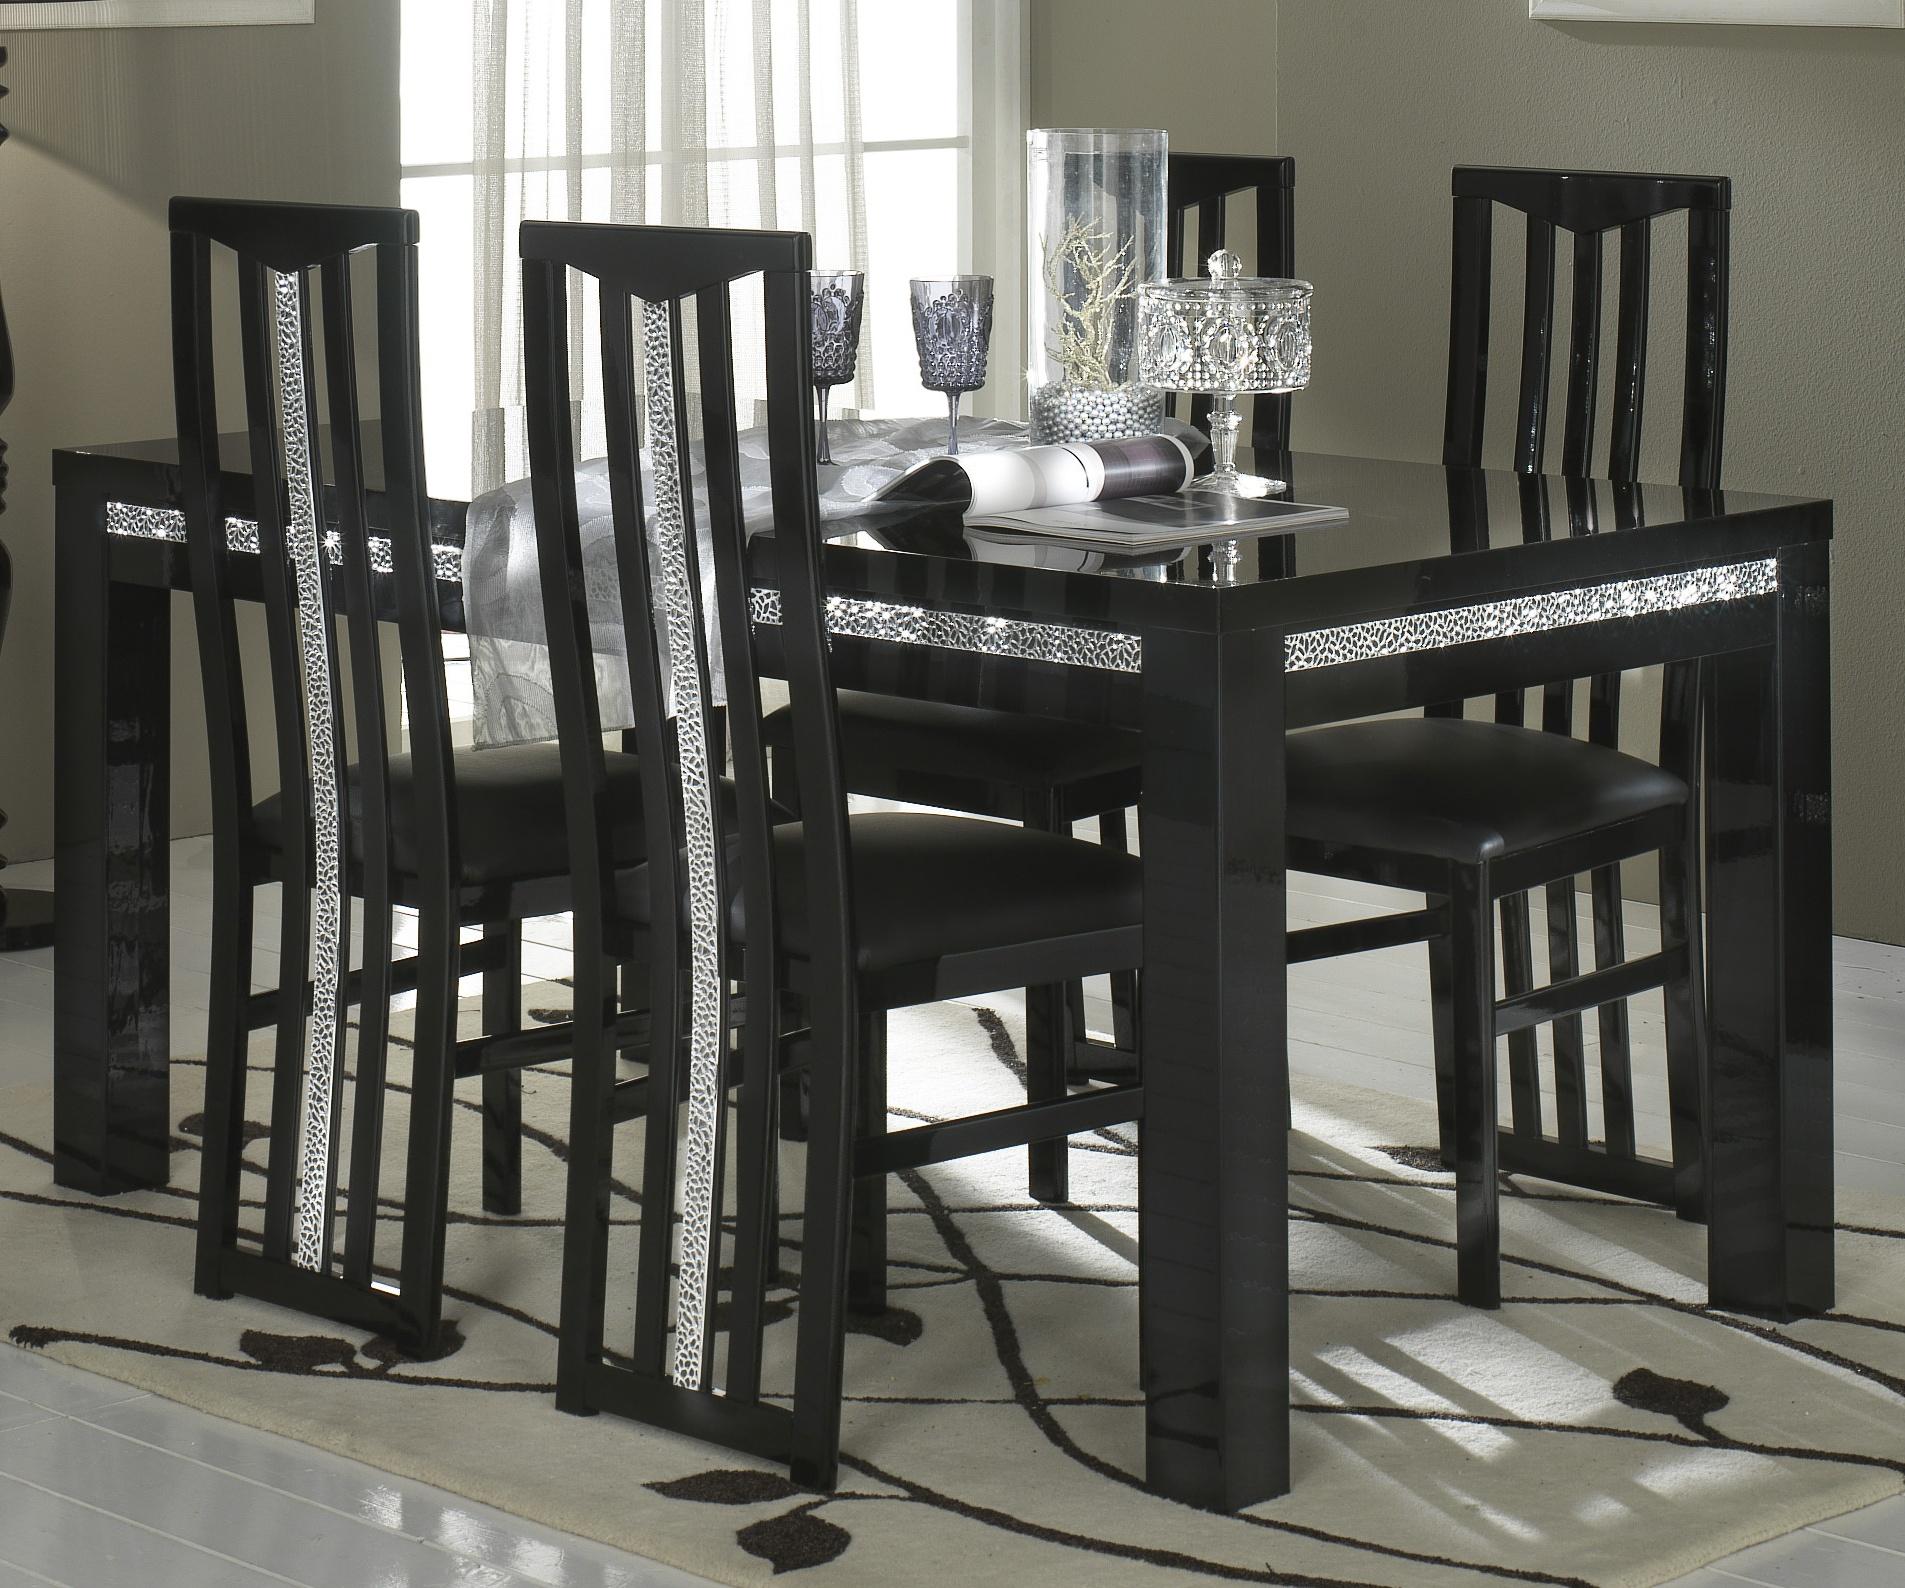 Table de salle à manger design laquée noire Melvine